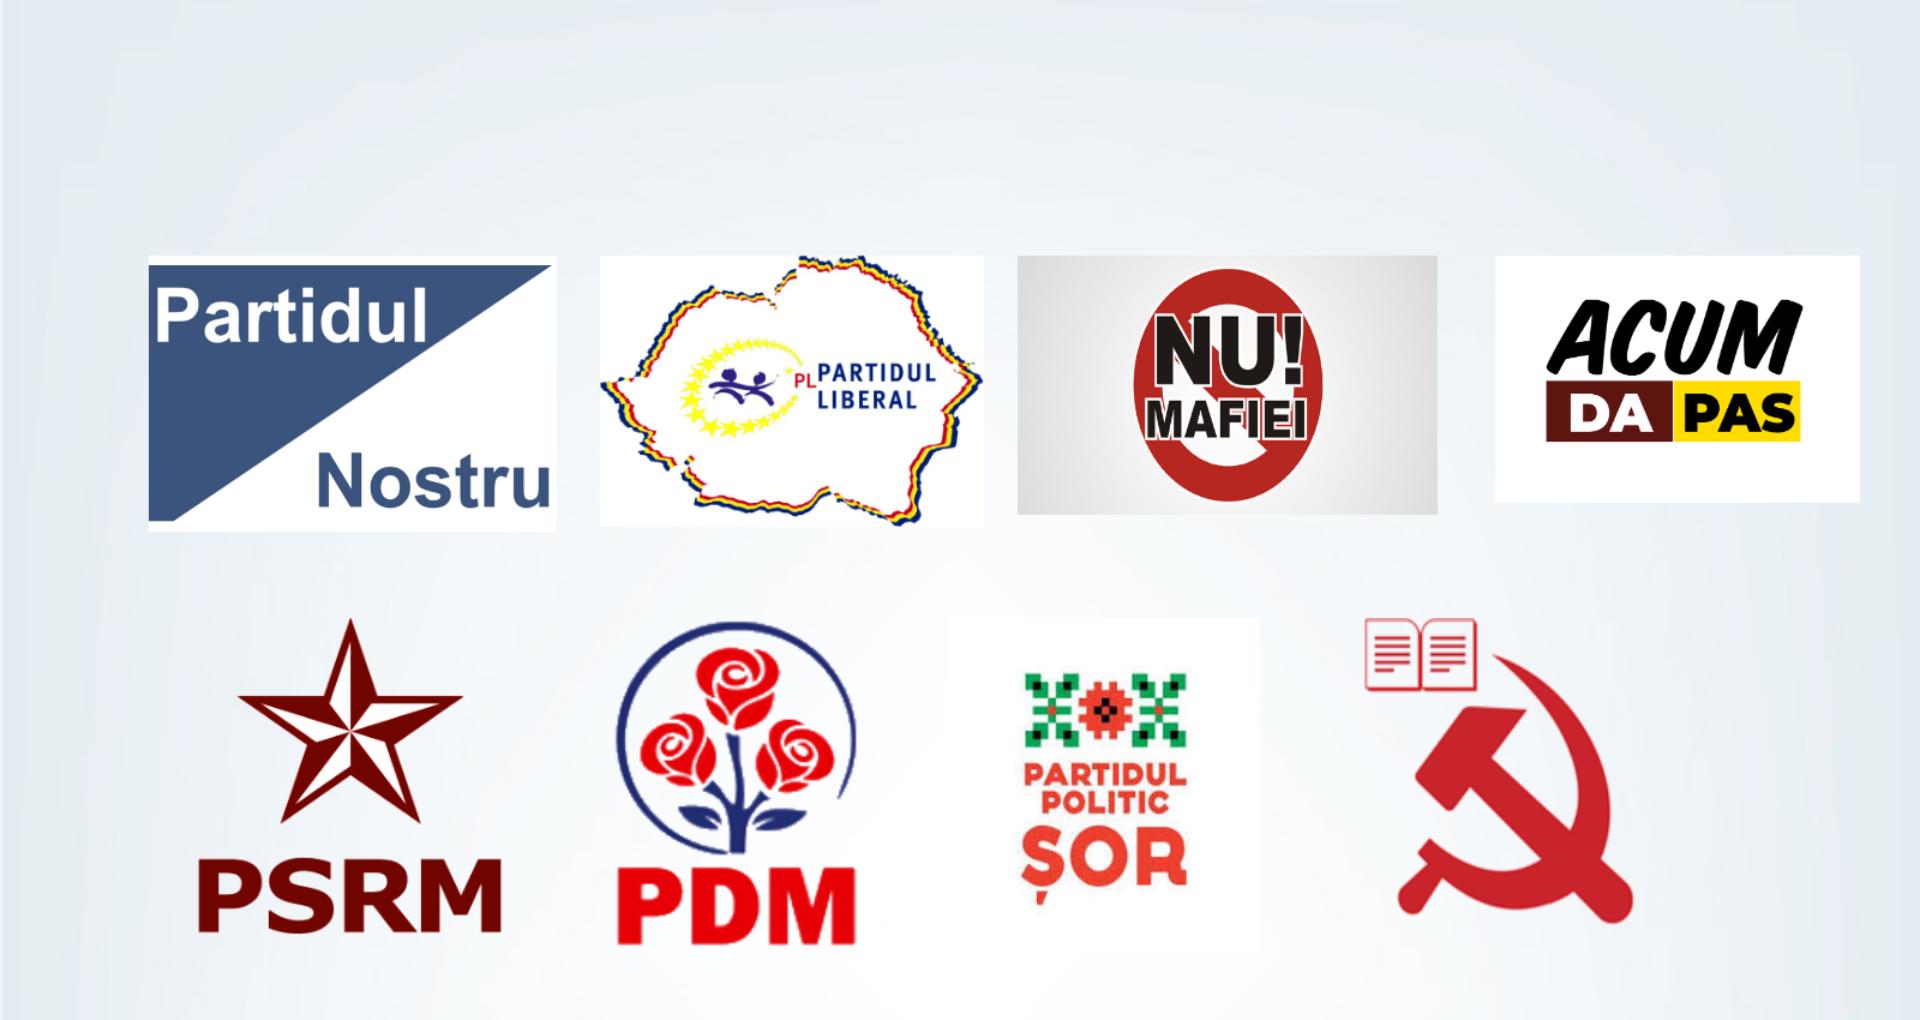 CEC a încheiat înregistrarea pentru circumscripția națională. Câte partide vor participa la alegeri